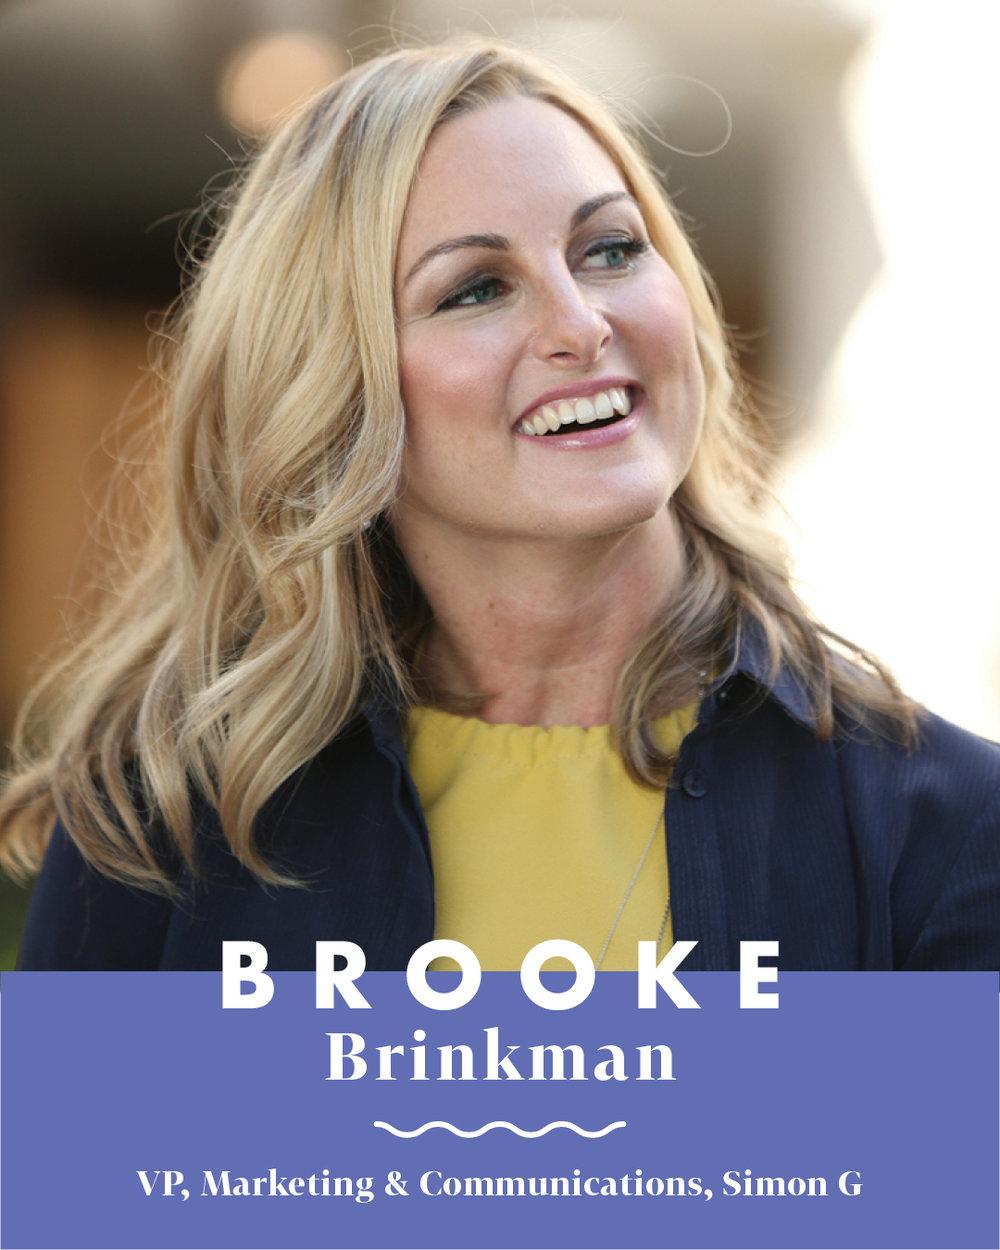 brooke-brinkman.jpg